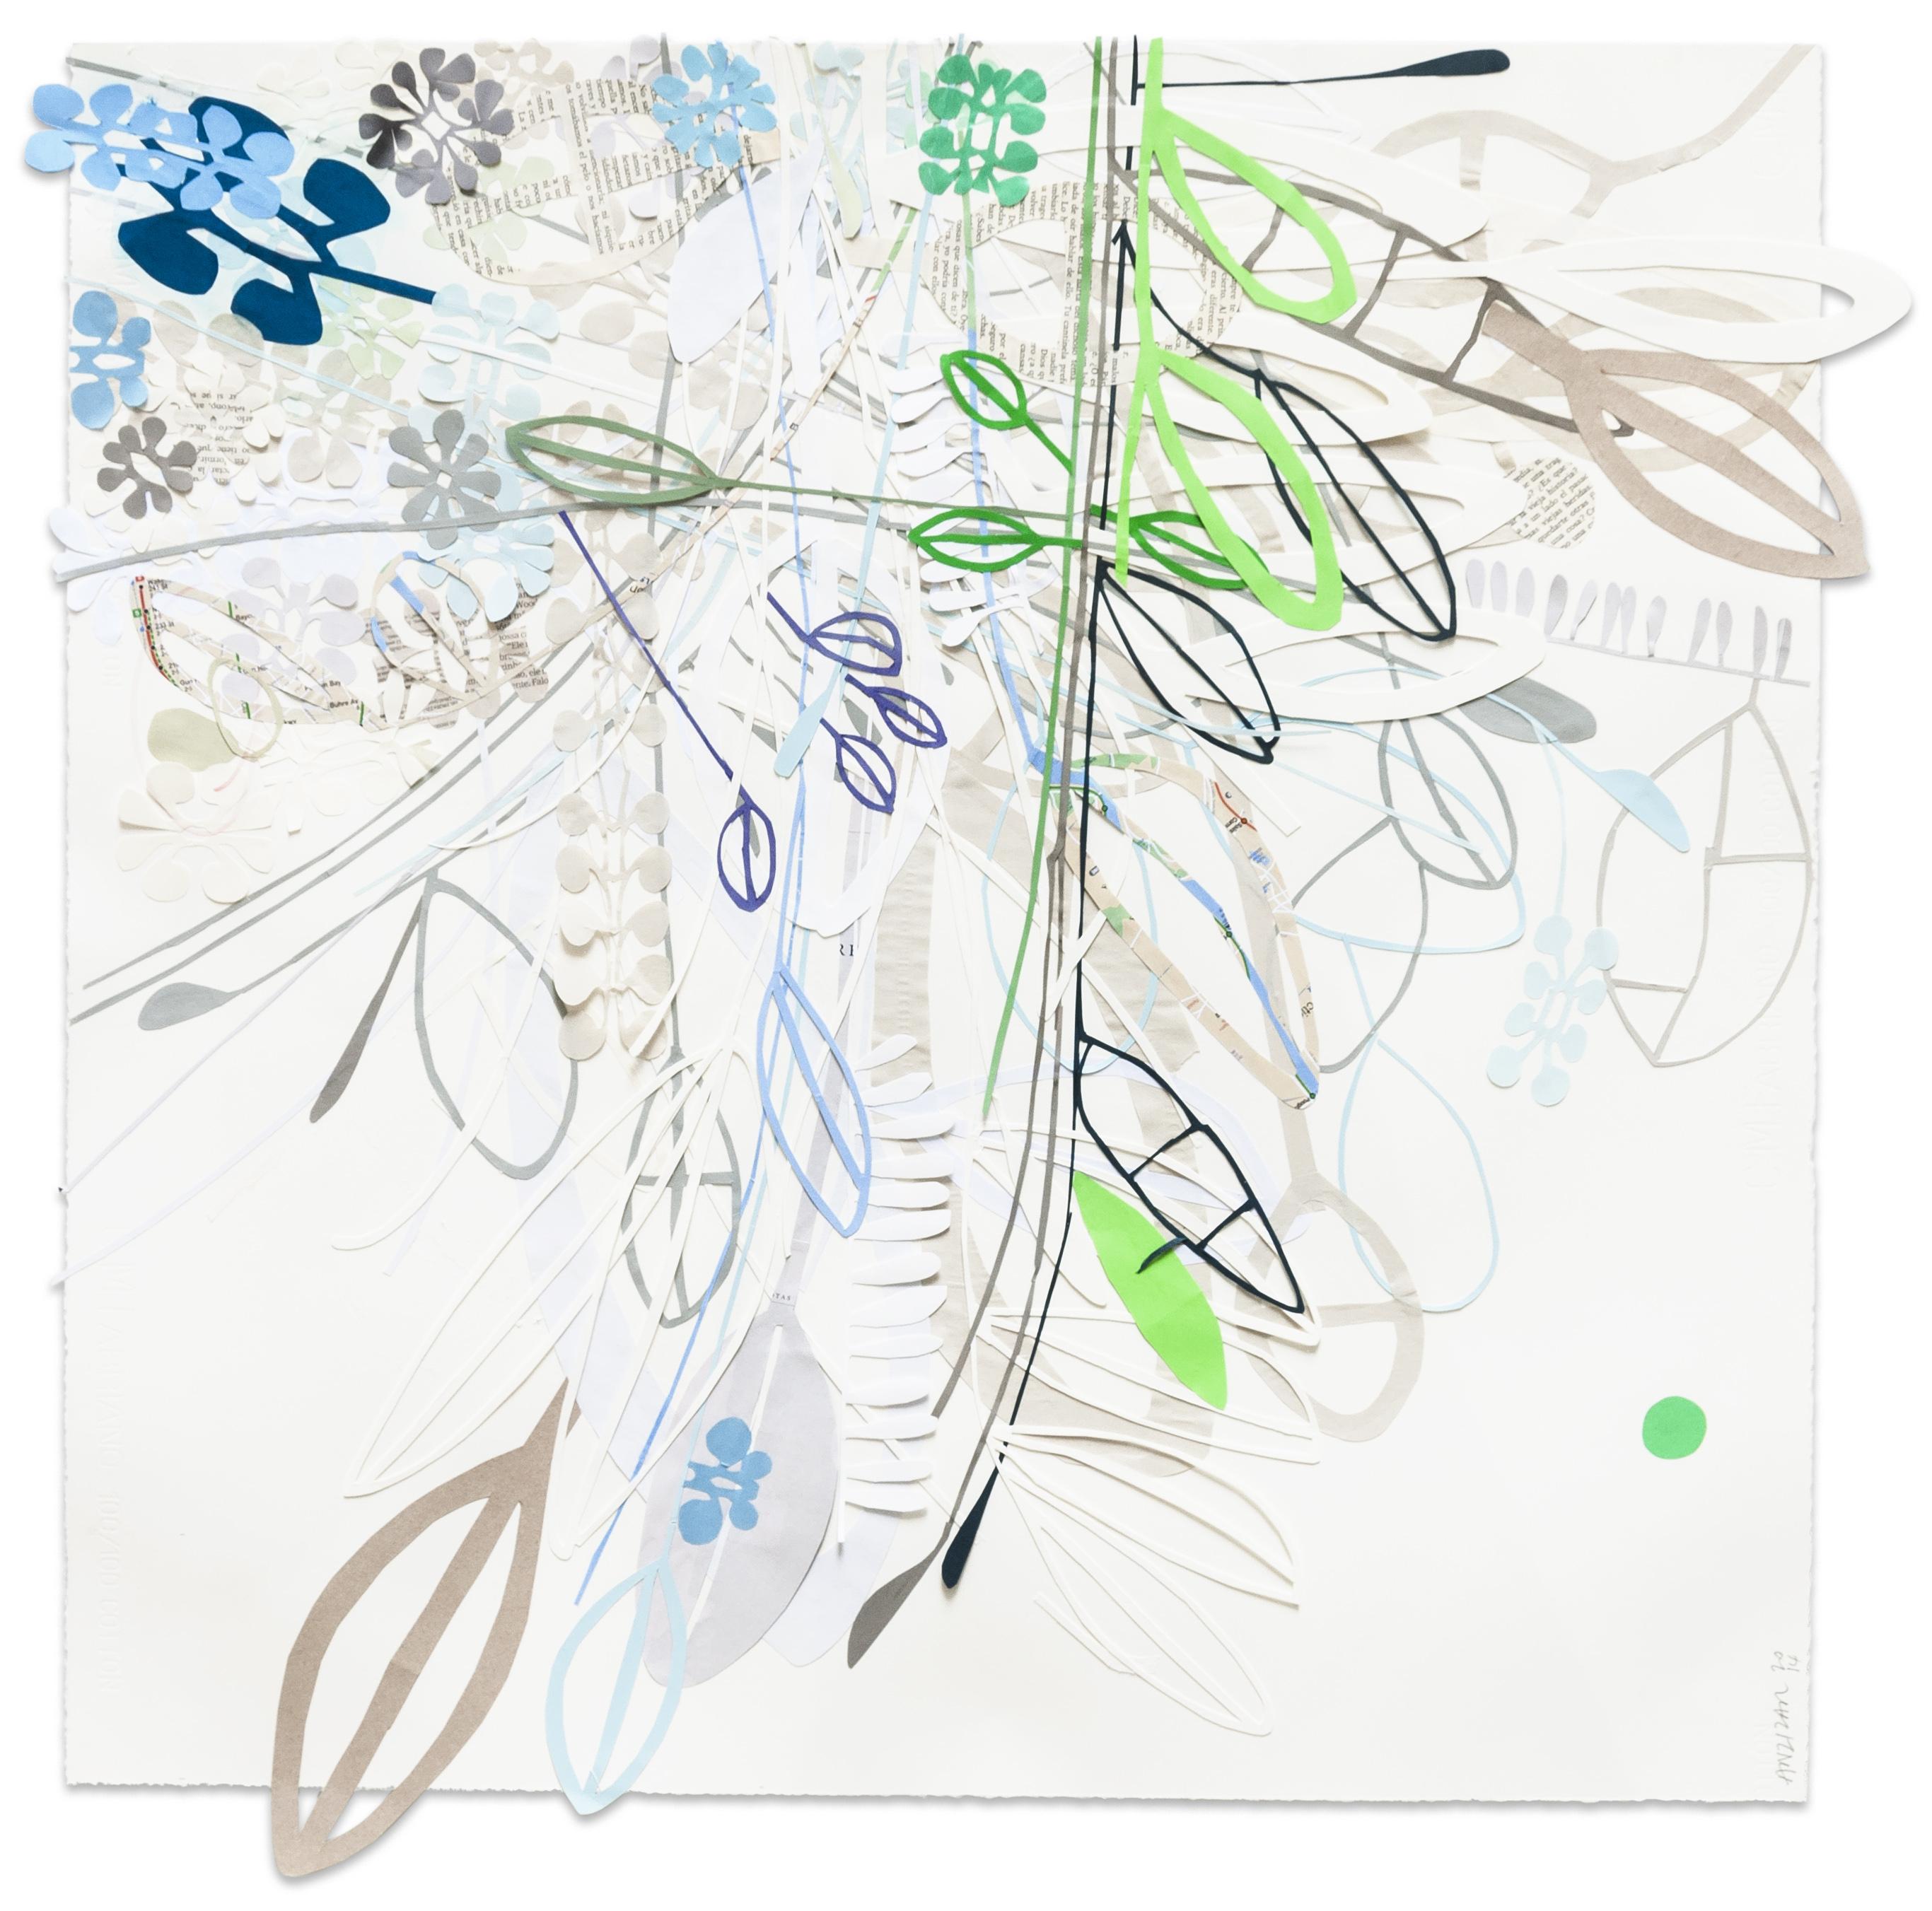 ST , papel sobre papel, 90x90cm, 2014